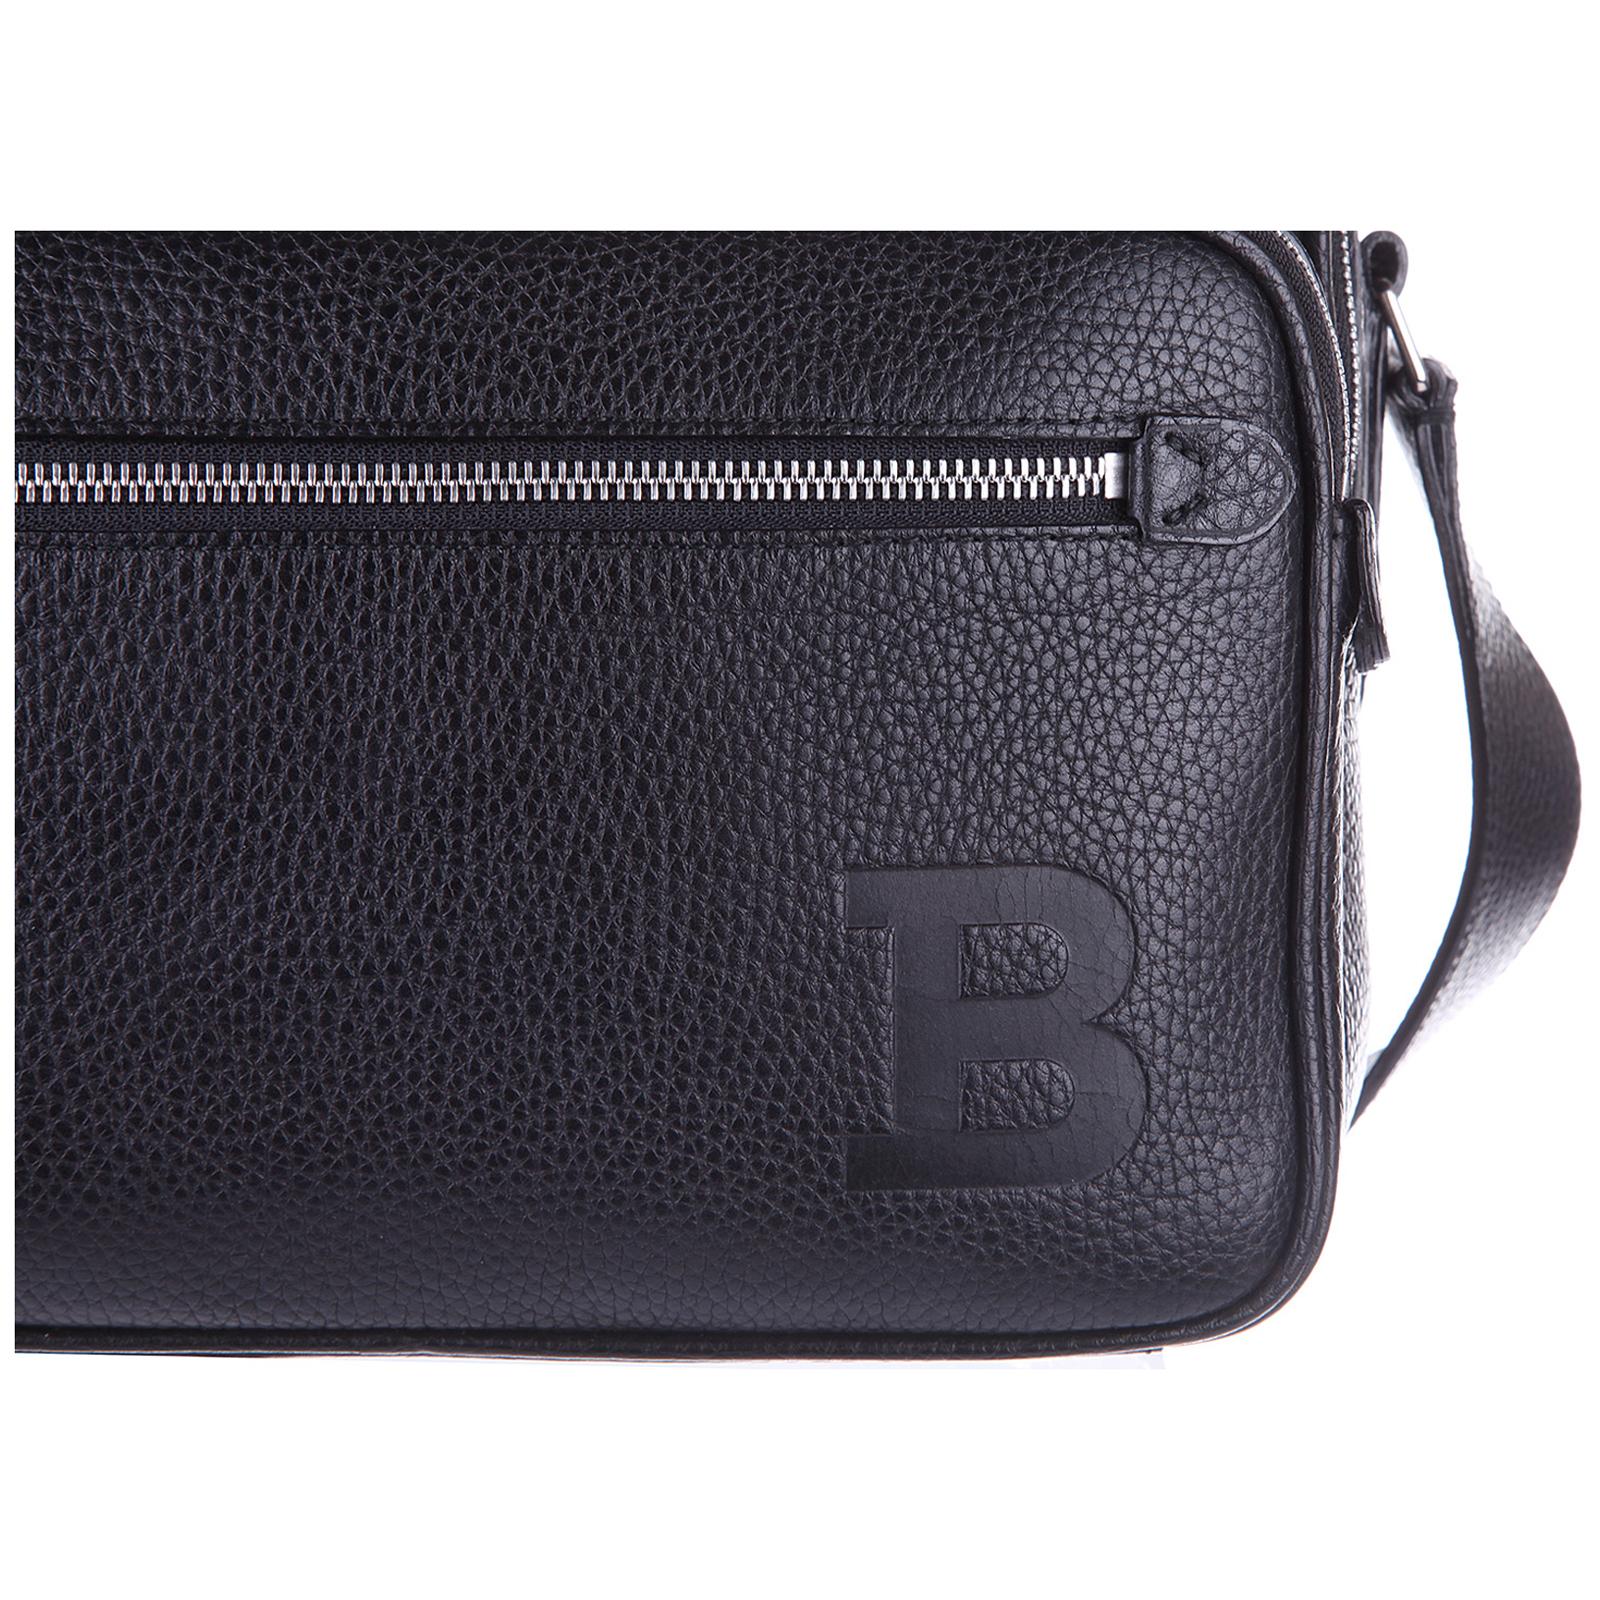 Men's leather cross-body messenger shoulder bag pulitzer